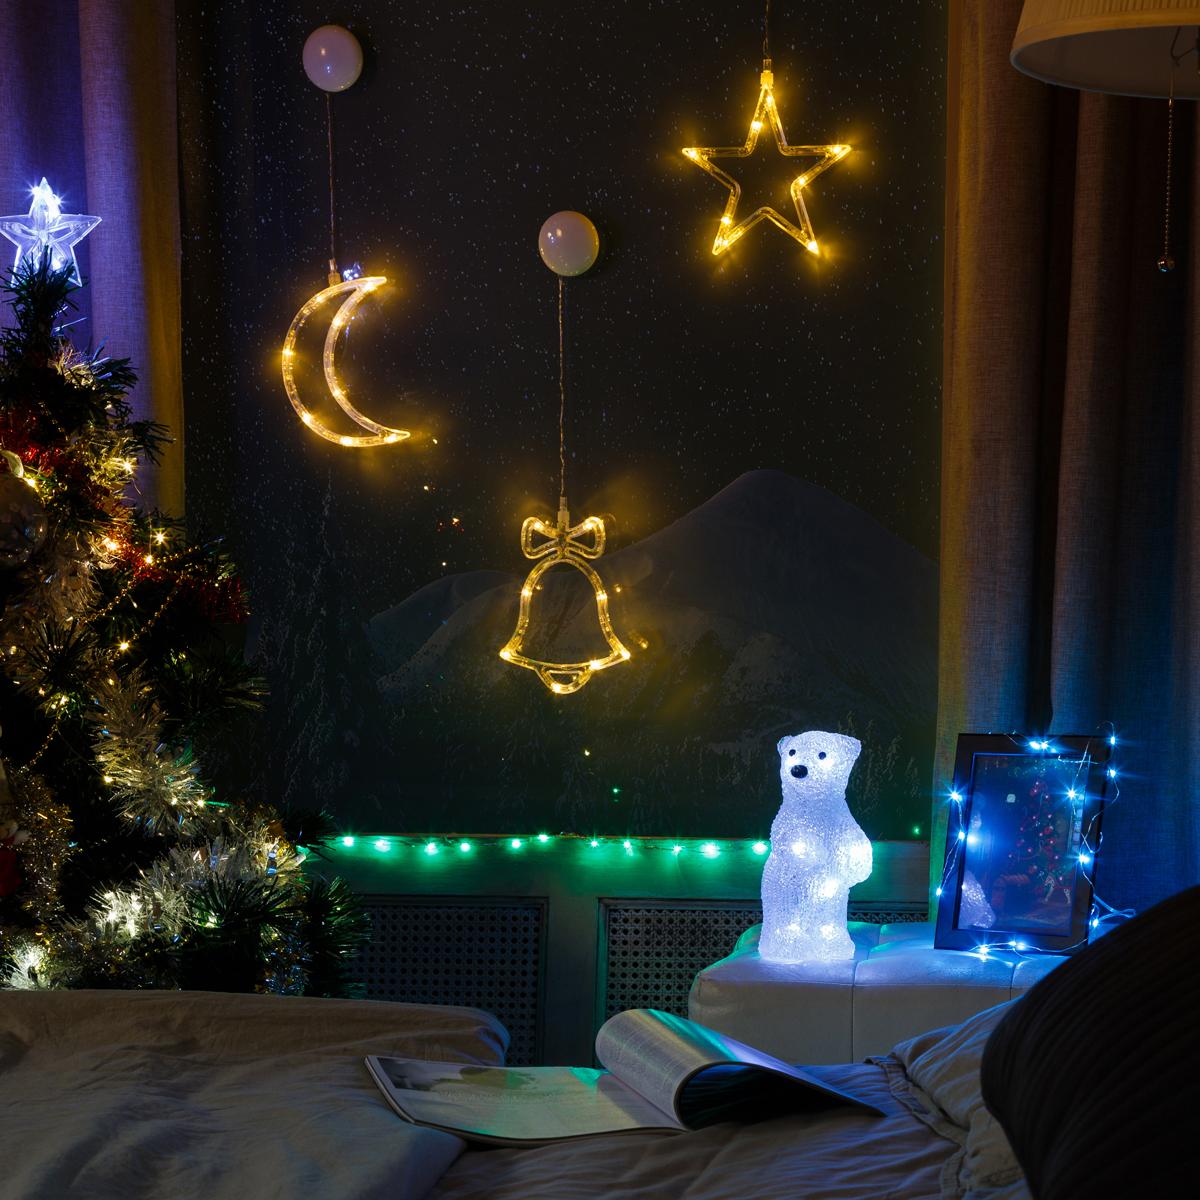 Комплект Neon-Night Спальня, для новогоднего украшения дома, цвет гирлянд: бирюзовый. 500-038500-038Не секрет, что самое хлопотное время в году - предновогоднее. Люди тратят массу времени и сил на поиск подарков для своих родных, близких, коллег и друзей. Подчас просто не остается времени на украшение дома и создание того самого желанного предновогоднего настроения. Специально для Вас мы разработали готовые решения для оформления каждой комнаты в доме, что значительно упростит процесс поиска и подбора украшений. Каждый из комплектов по-своему уникален, он содержит различные цветовые решения, которые подойдут для любого интерьера. Спальня – место, где мы отдыхаем после трудовых будней и насыщенных выходных. Место, где хочется спокойствия и гармонии. Для большего комфорта мы использовали гирлянды и фигурки с постоянным цветом свечения. В комплект мы включили:- Универсальную интерьерную гирлянду Роса длиной 2м. Ее часто используют декораторы для украшения цветочных композиций и не только, так как сама гирлянда не боится воды (кроме батарейного блока, который можно спрятать за вазой).- Три большие светящиеся фигуры на присосках.- Светящийся Медвежонок размером 18 см. Производитель ценит ваше время, поэтому набор уже укомплектован всеми необходимыми батарейками. Подарите новогоднее настроение себе и близким, украсив спальню всего за 15 минут!